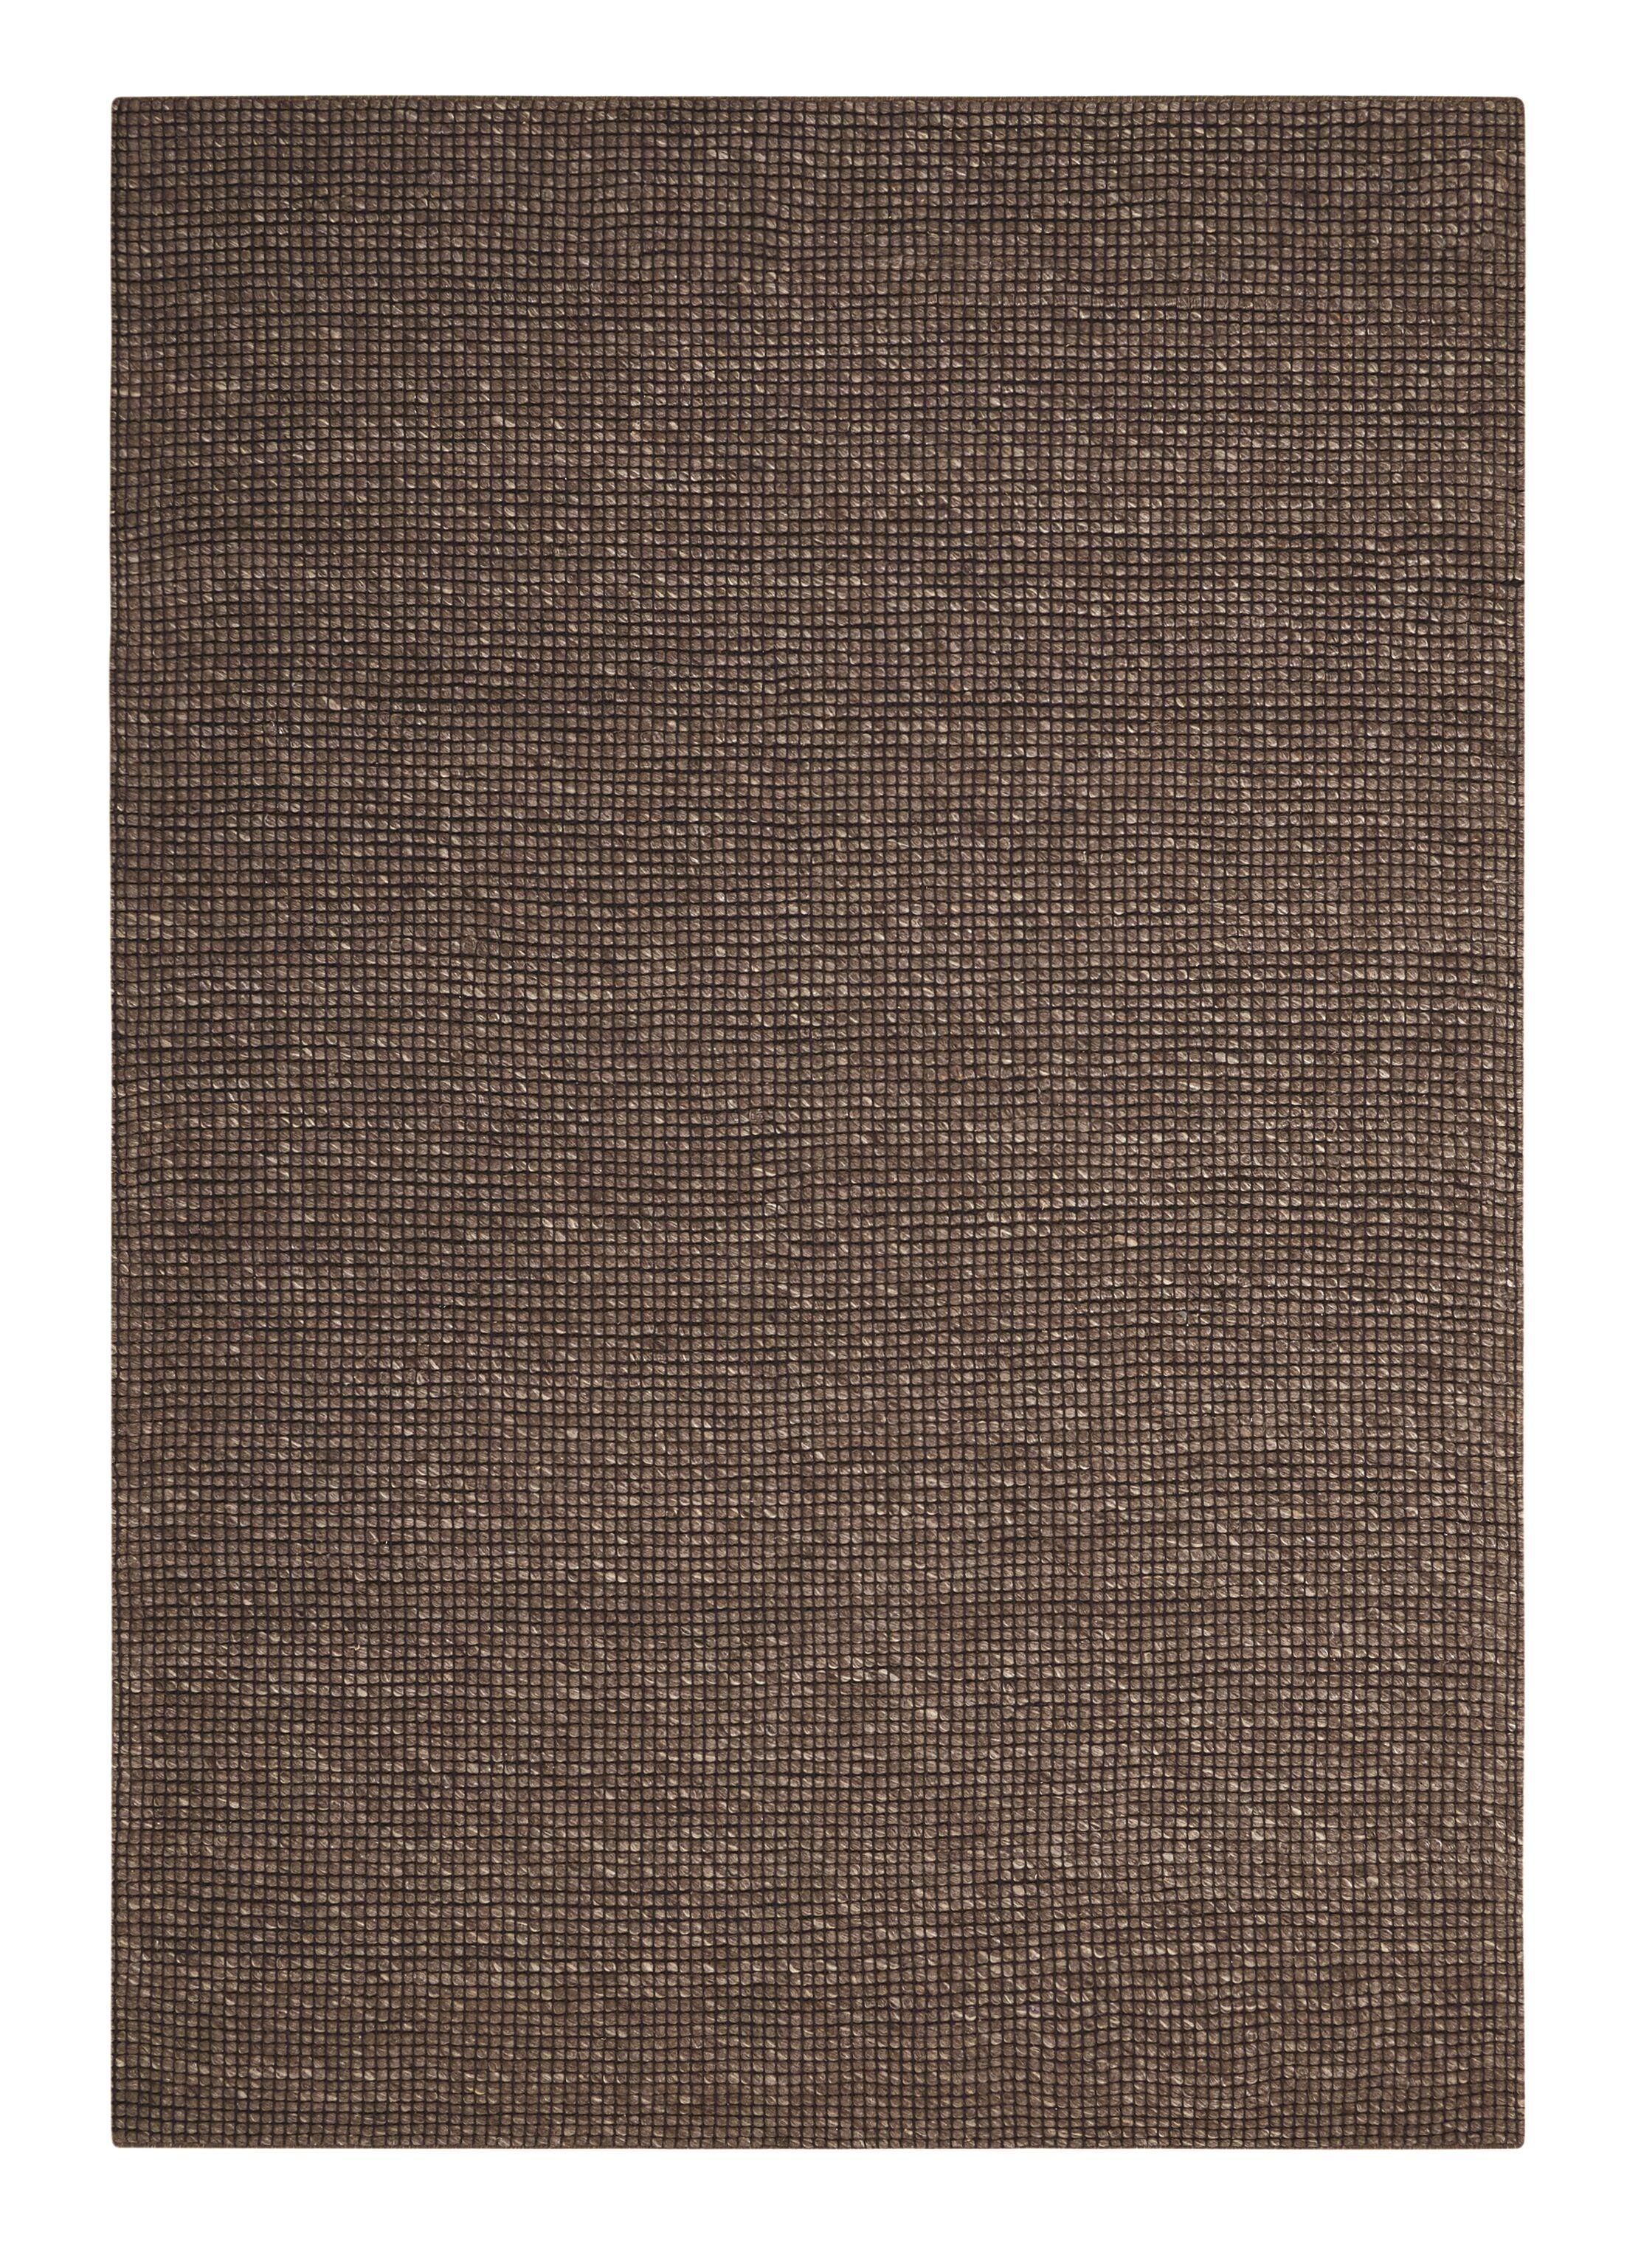 Viviana Blue/Green Area Rug Rug Size: 7'9